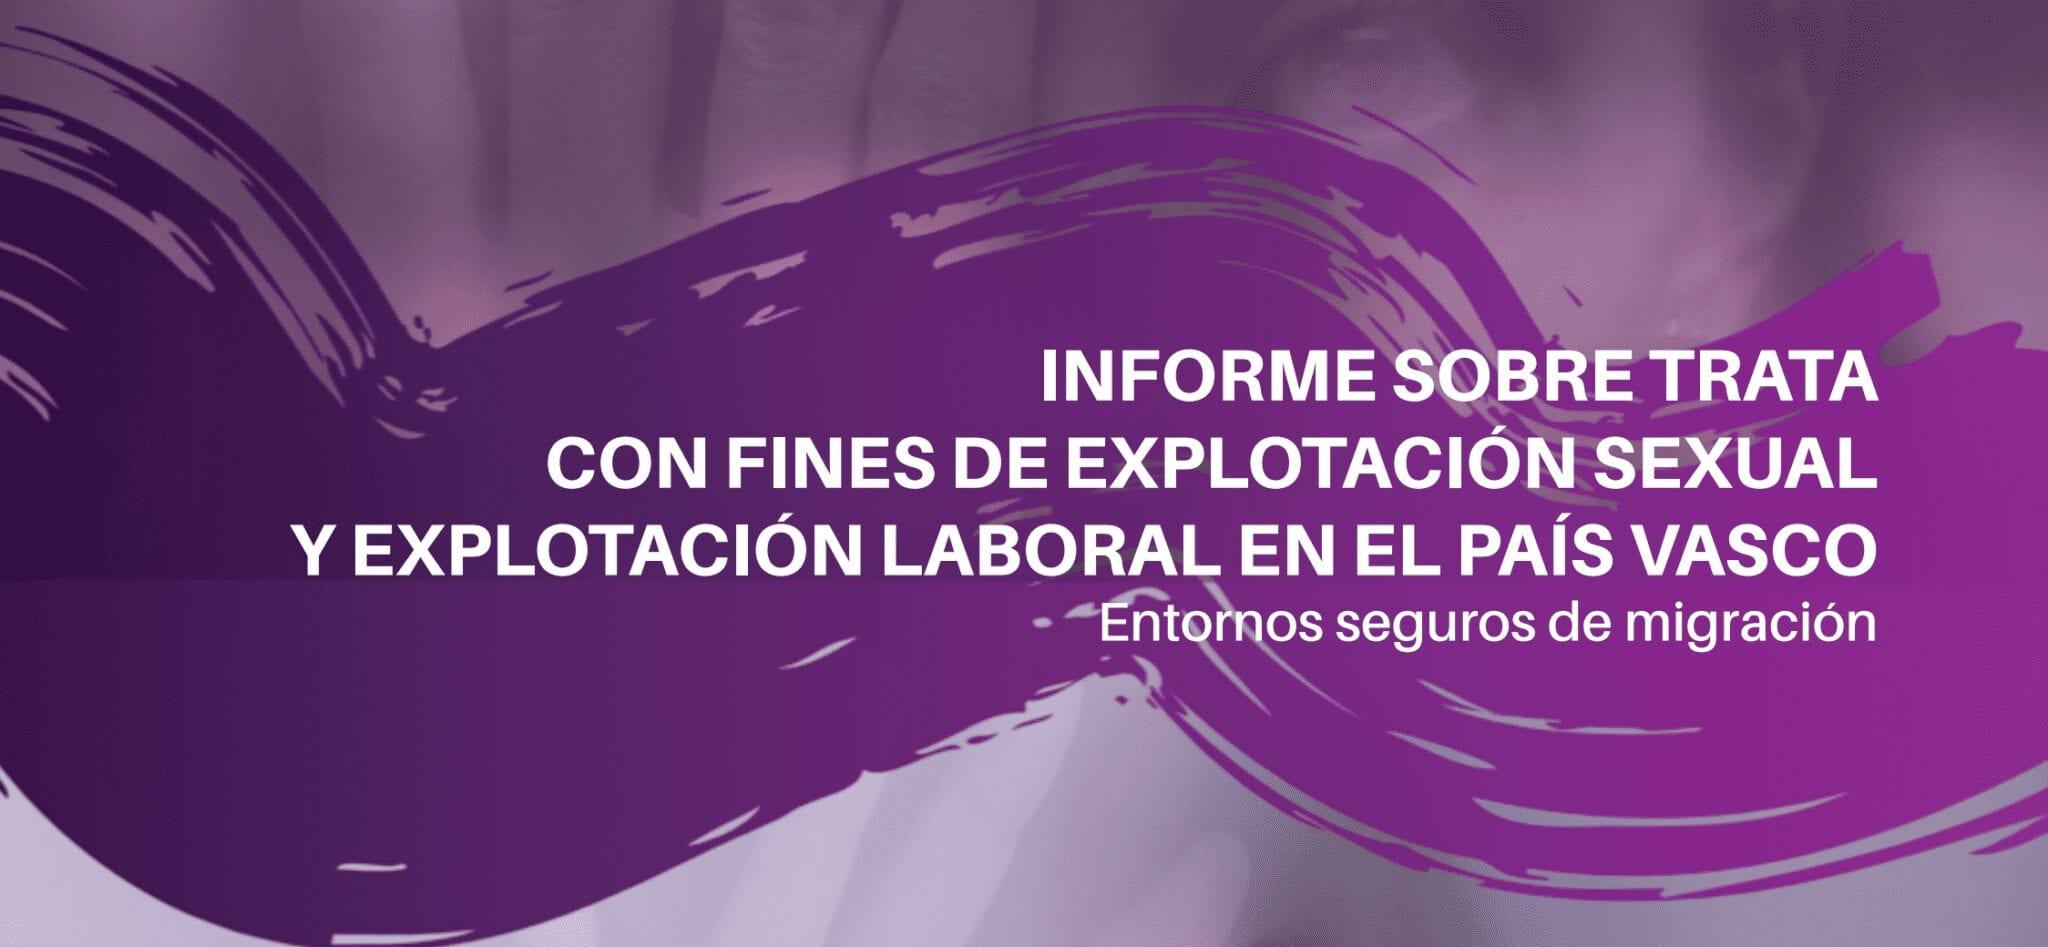 Informe sobre trata con fines de explotación sexual y explotación laboral en el País Vasco